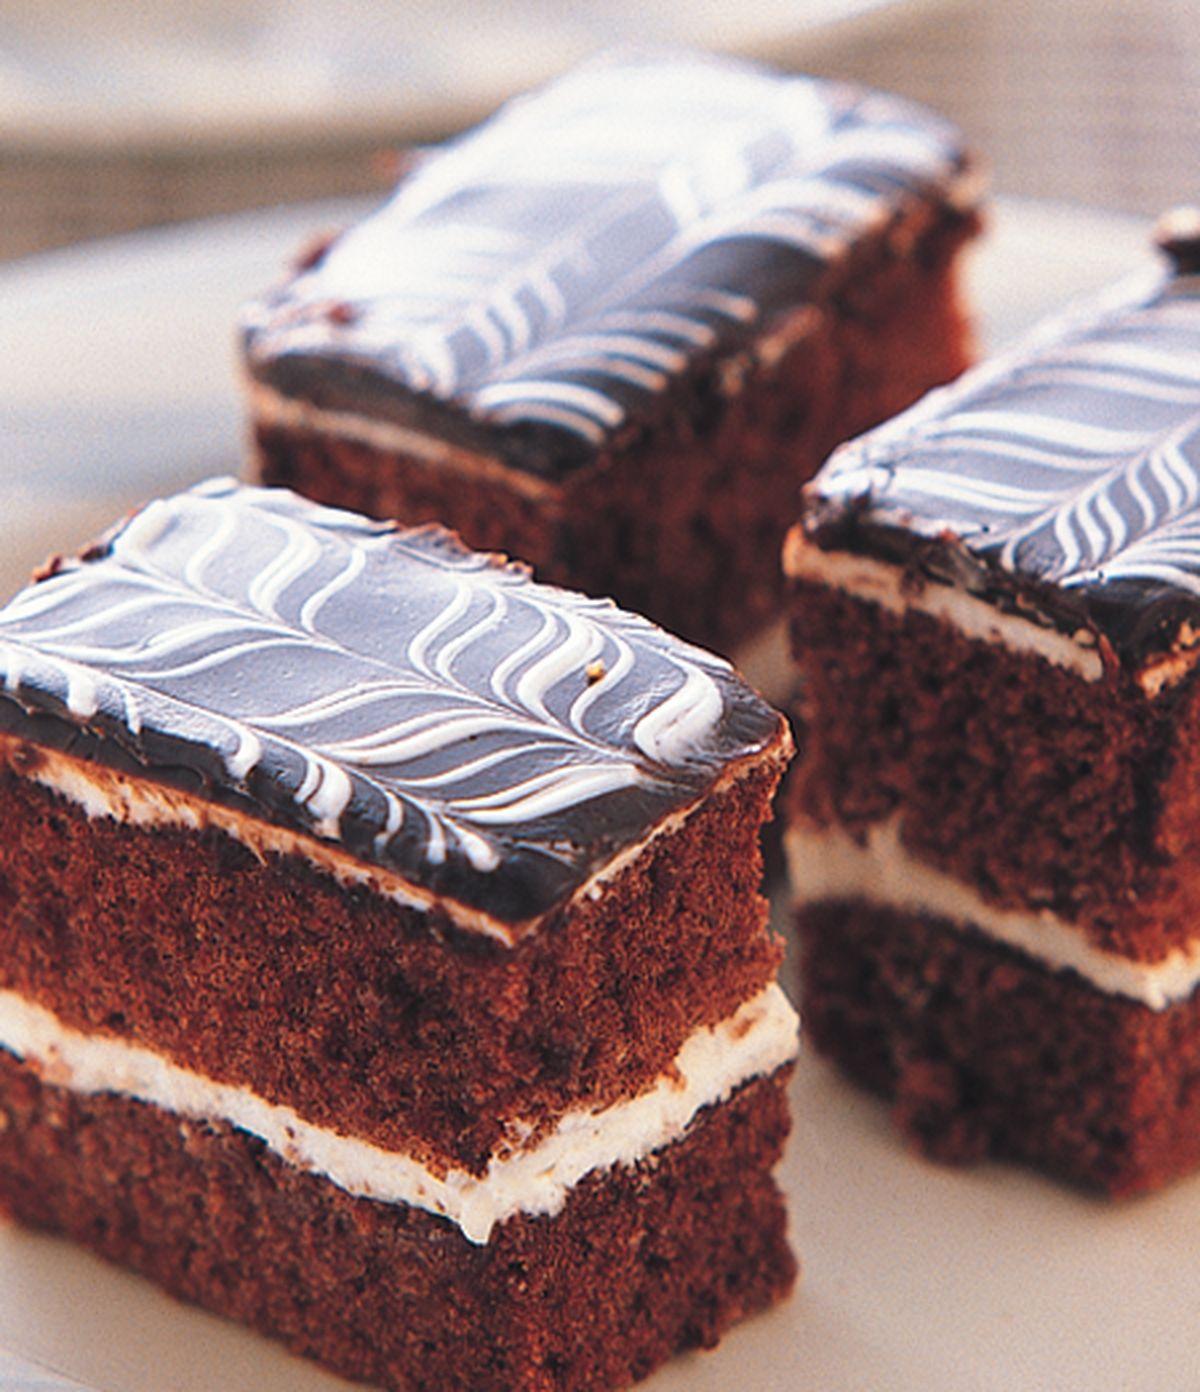 食譜:皇家巧克力蛋糕